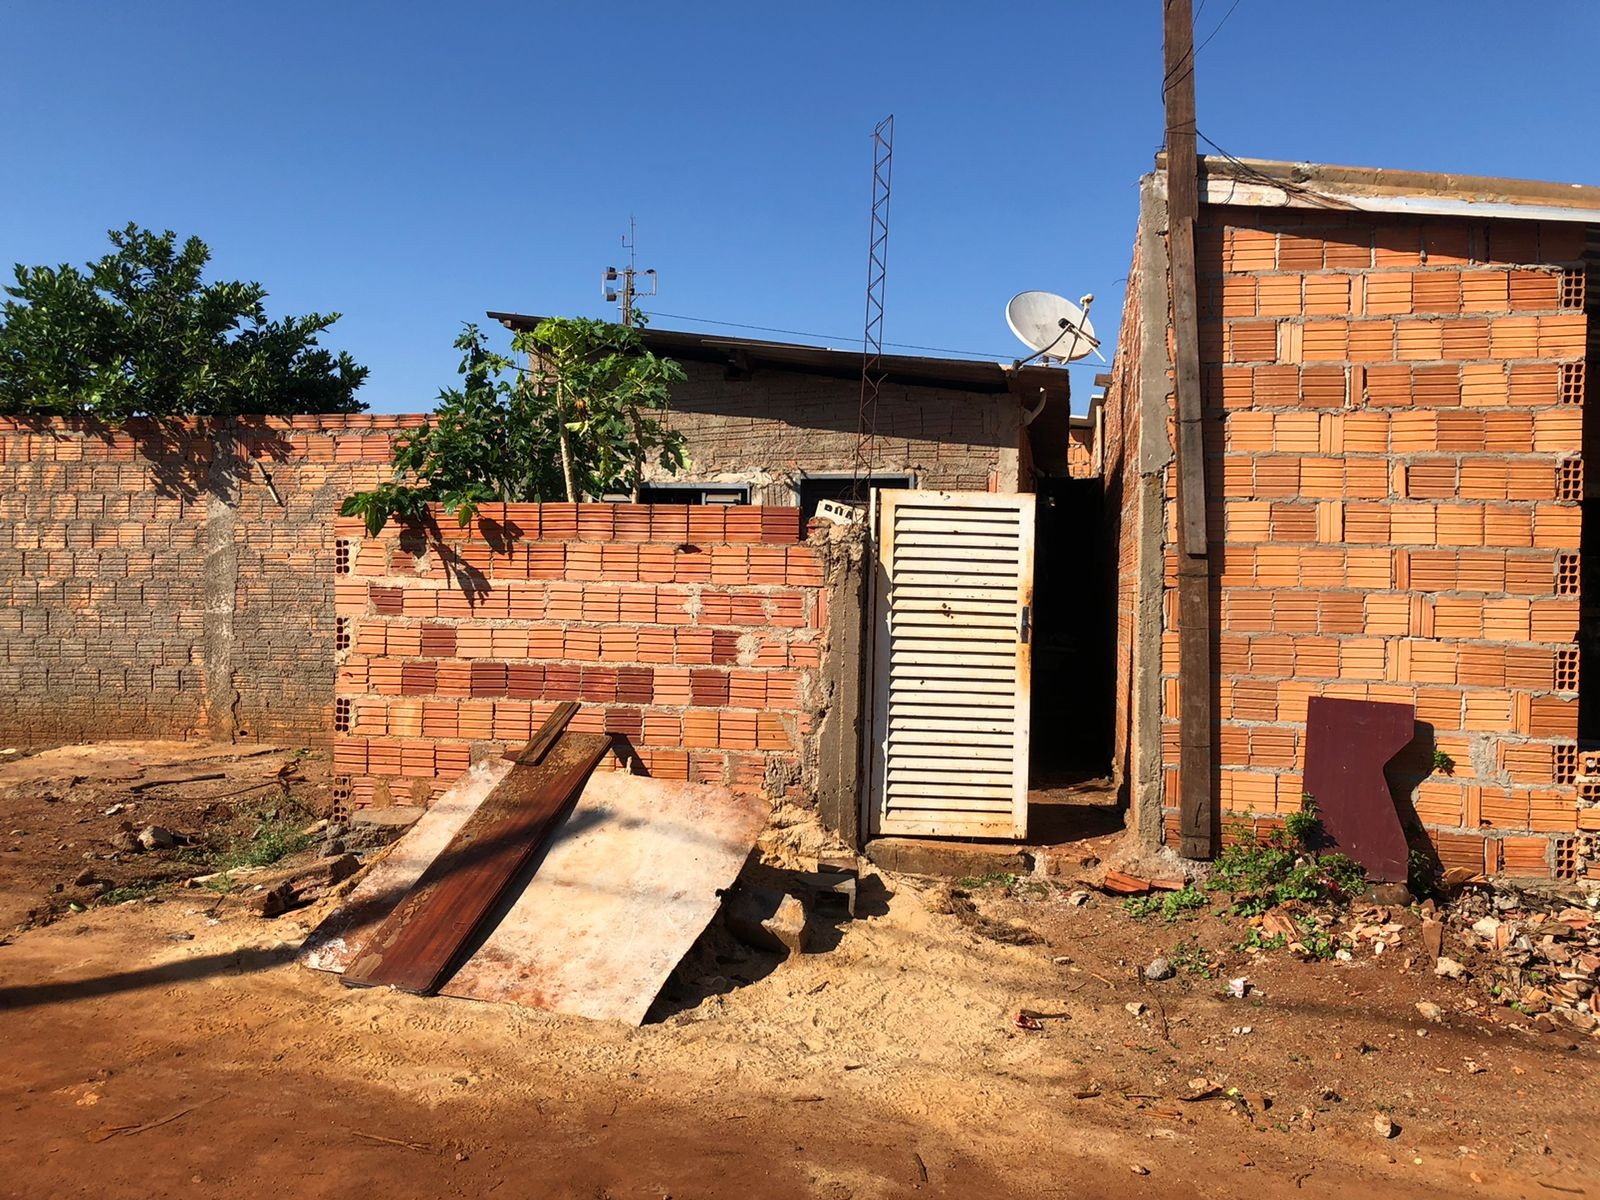 Homem é encontrado morto com sinais de violência dentro de casa em Ribeirão Preto, SP